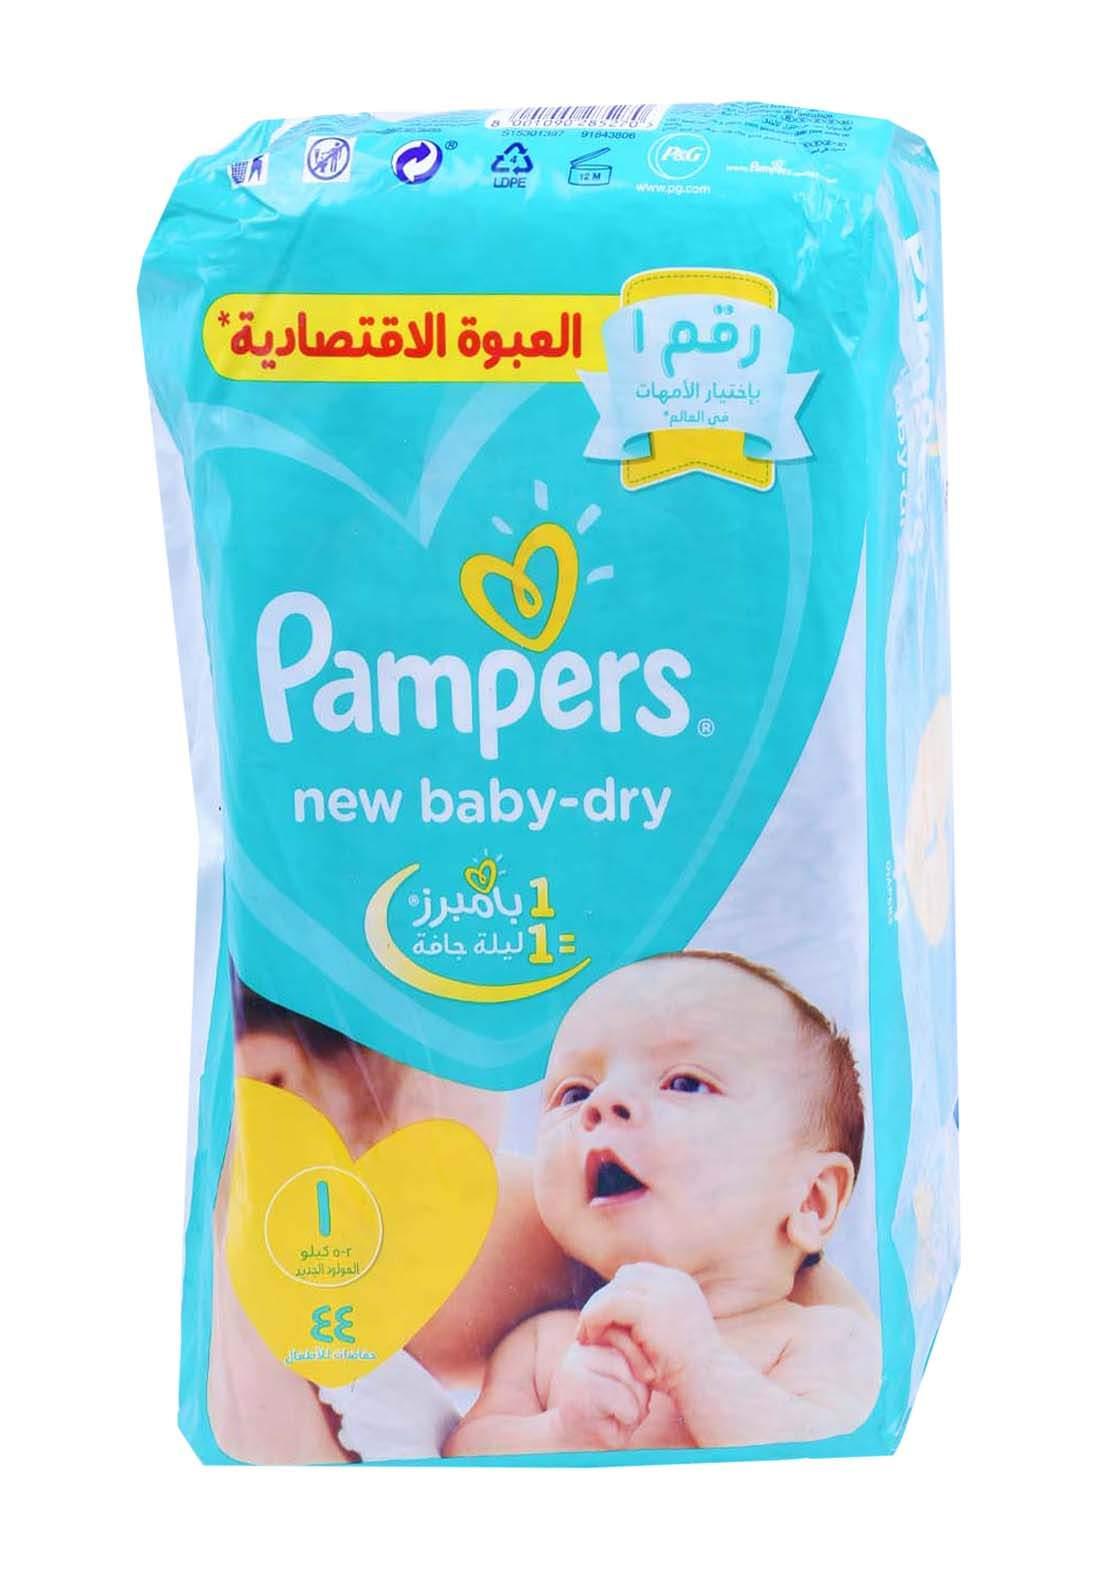 Pampers 2-5 Kg 44 Pcs حفاضات  بامبرز للاطفال عادي رقم 1